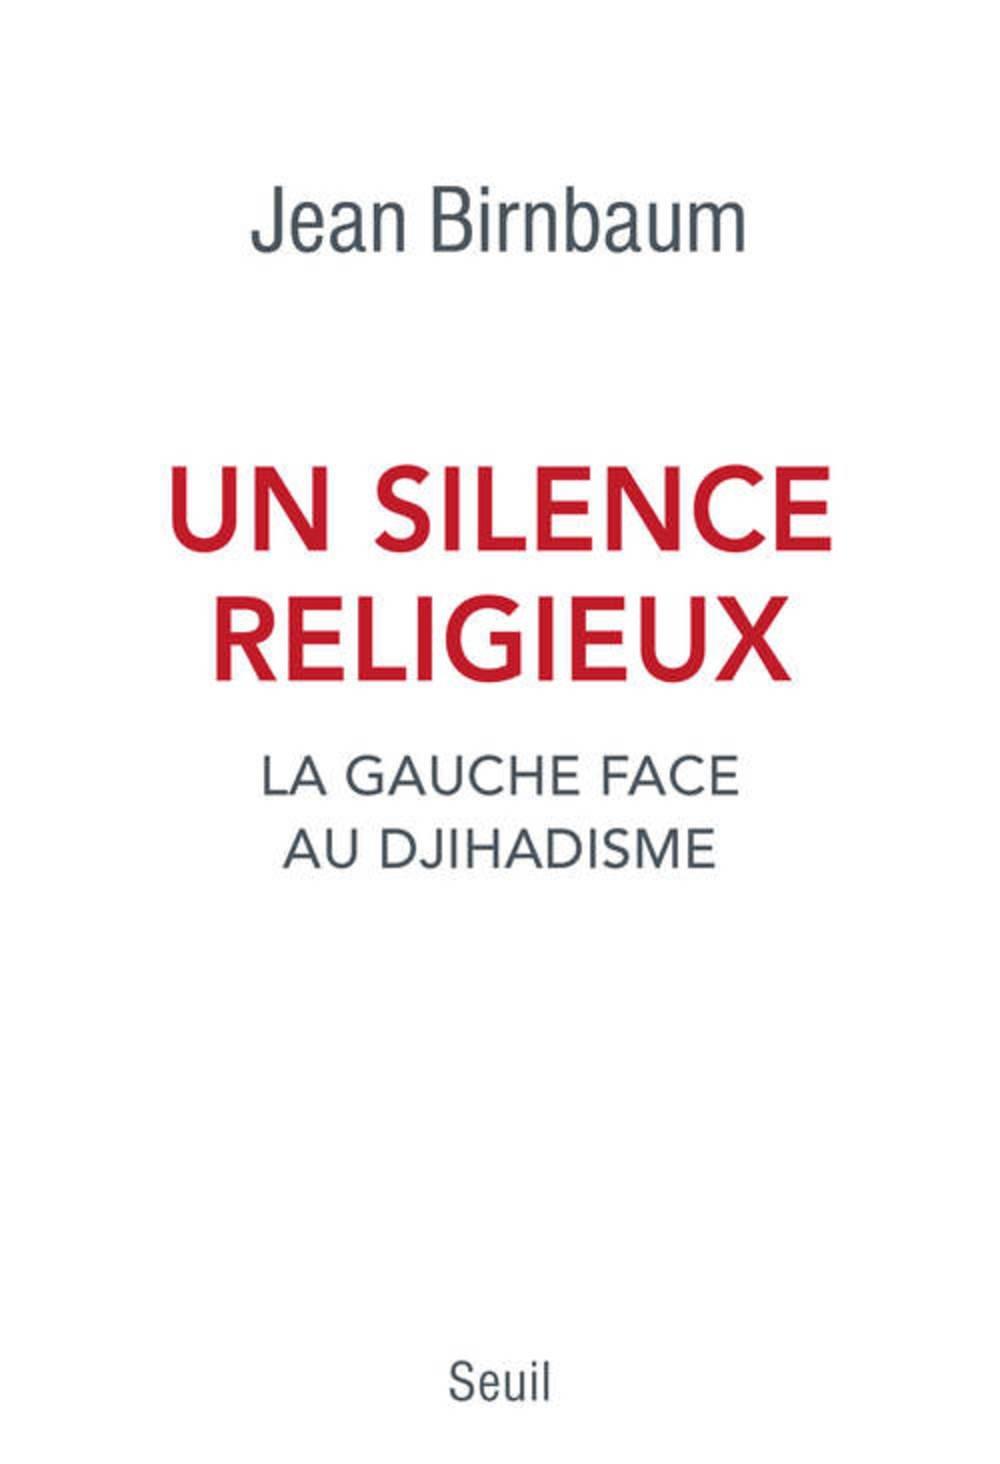 Broché : 208 pages Editeur : SEUIL (7 janvier 2016) Collection : H.C. ESSAIS Langue : Français ISBN-10 : 2021298396 ISBN-13 : 978-2021298390 Dimensions : 20,5 x 2 x 14 cm